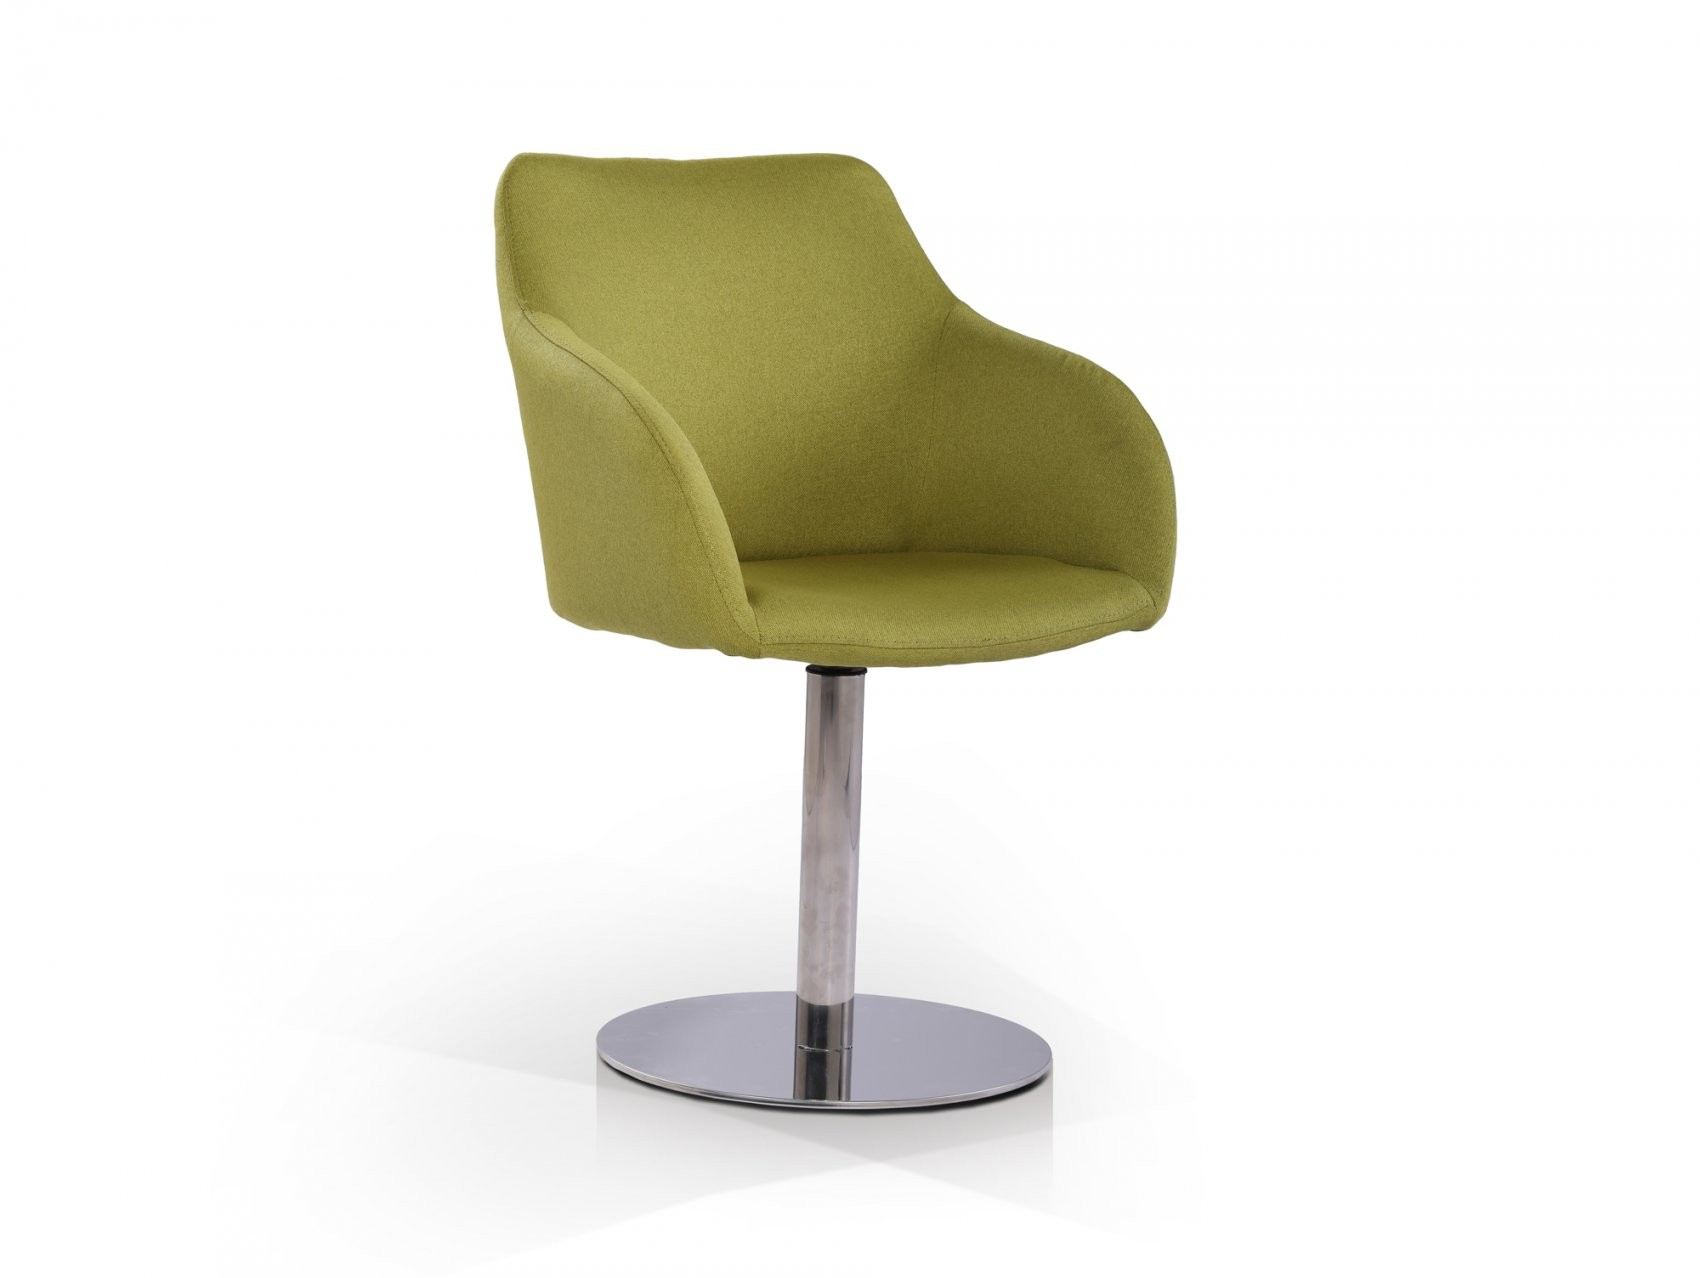 Moderne Esszimmerstühle Esstischstuhl + Polsterstühle Günstig Kaufen von Moderne Esszimmerstühle Günstig Photo